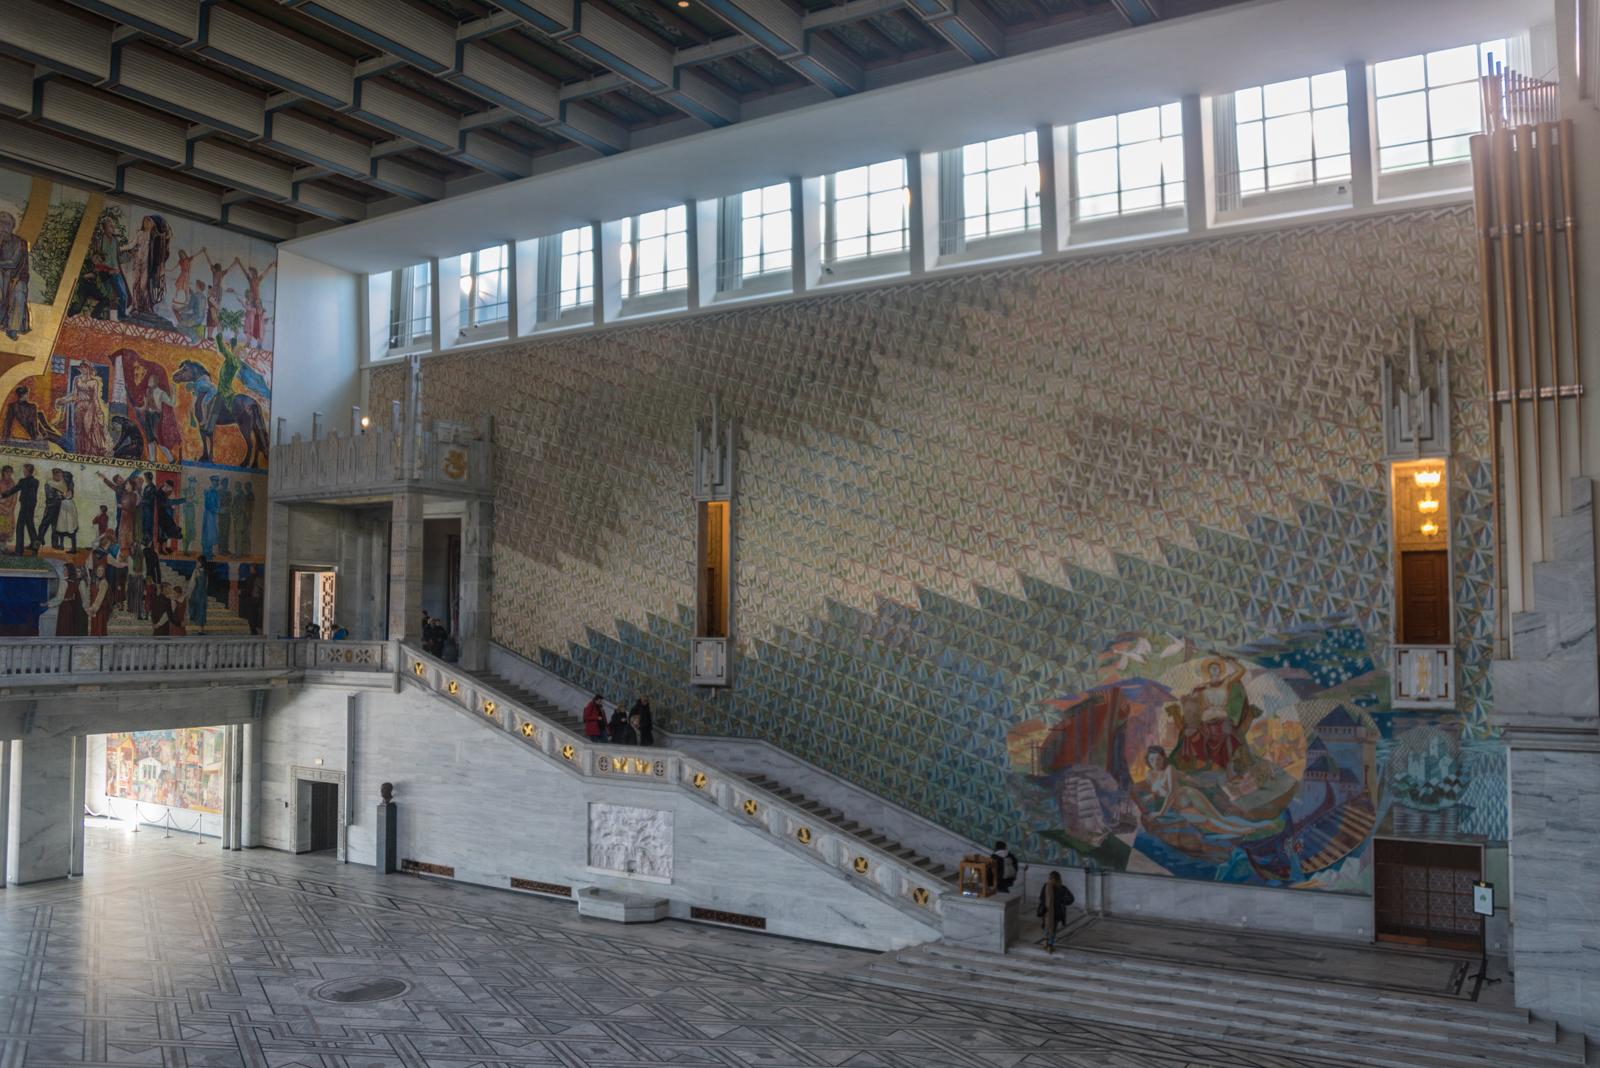 Municipio di Oslo salane interno